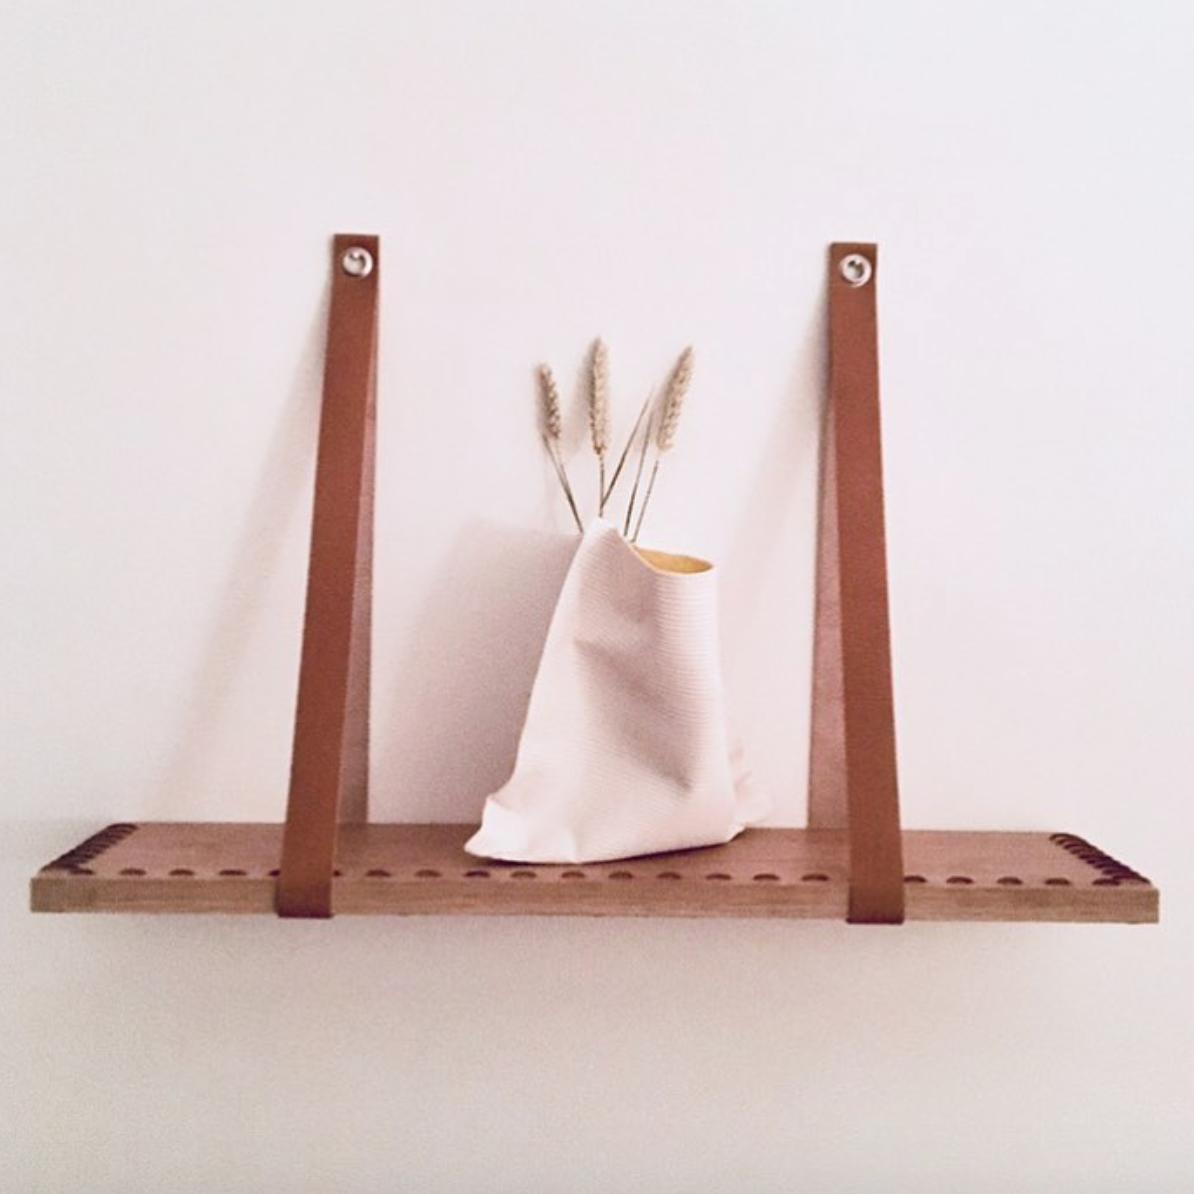 Étagère en bois, brodée avec du fil de cuir et suspendue avec des lanières en cuir •  MAISON S